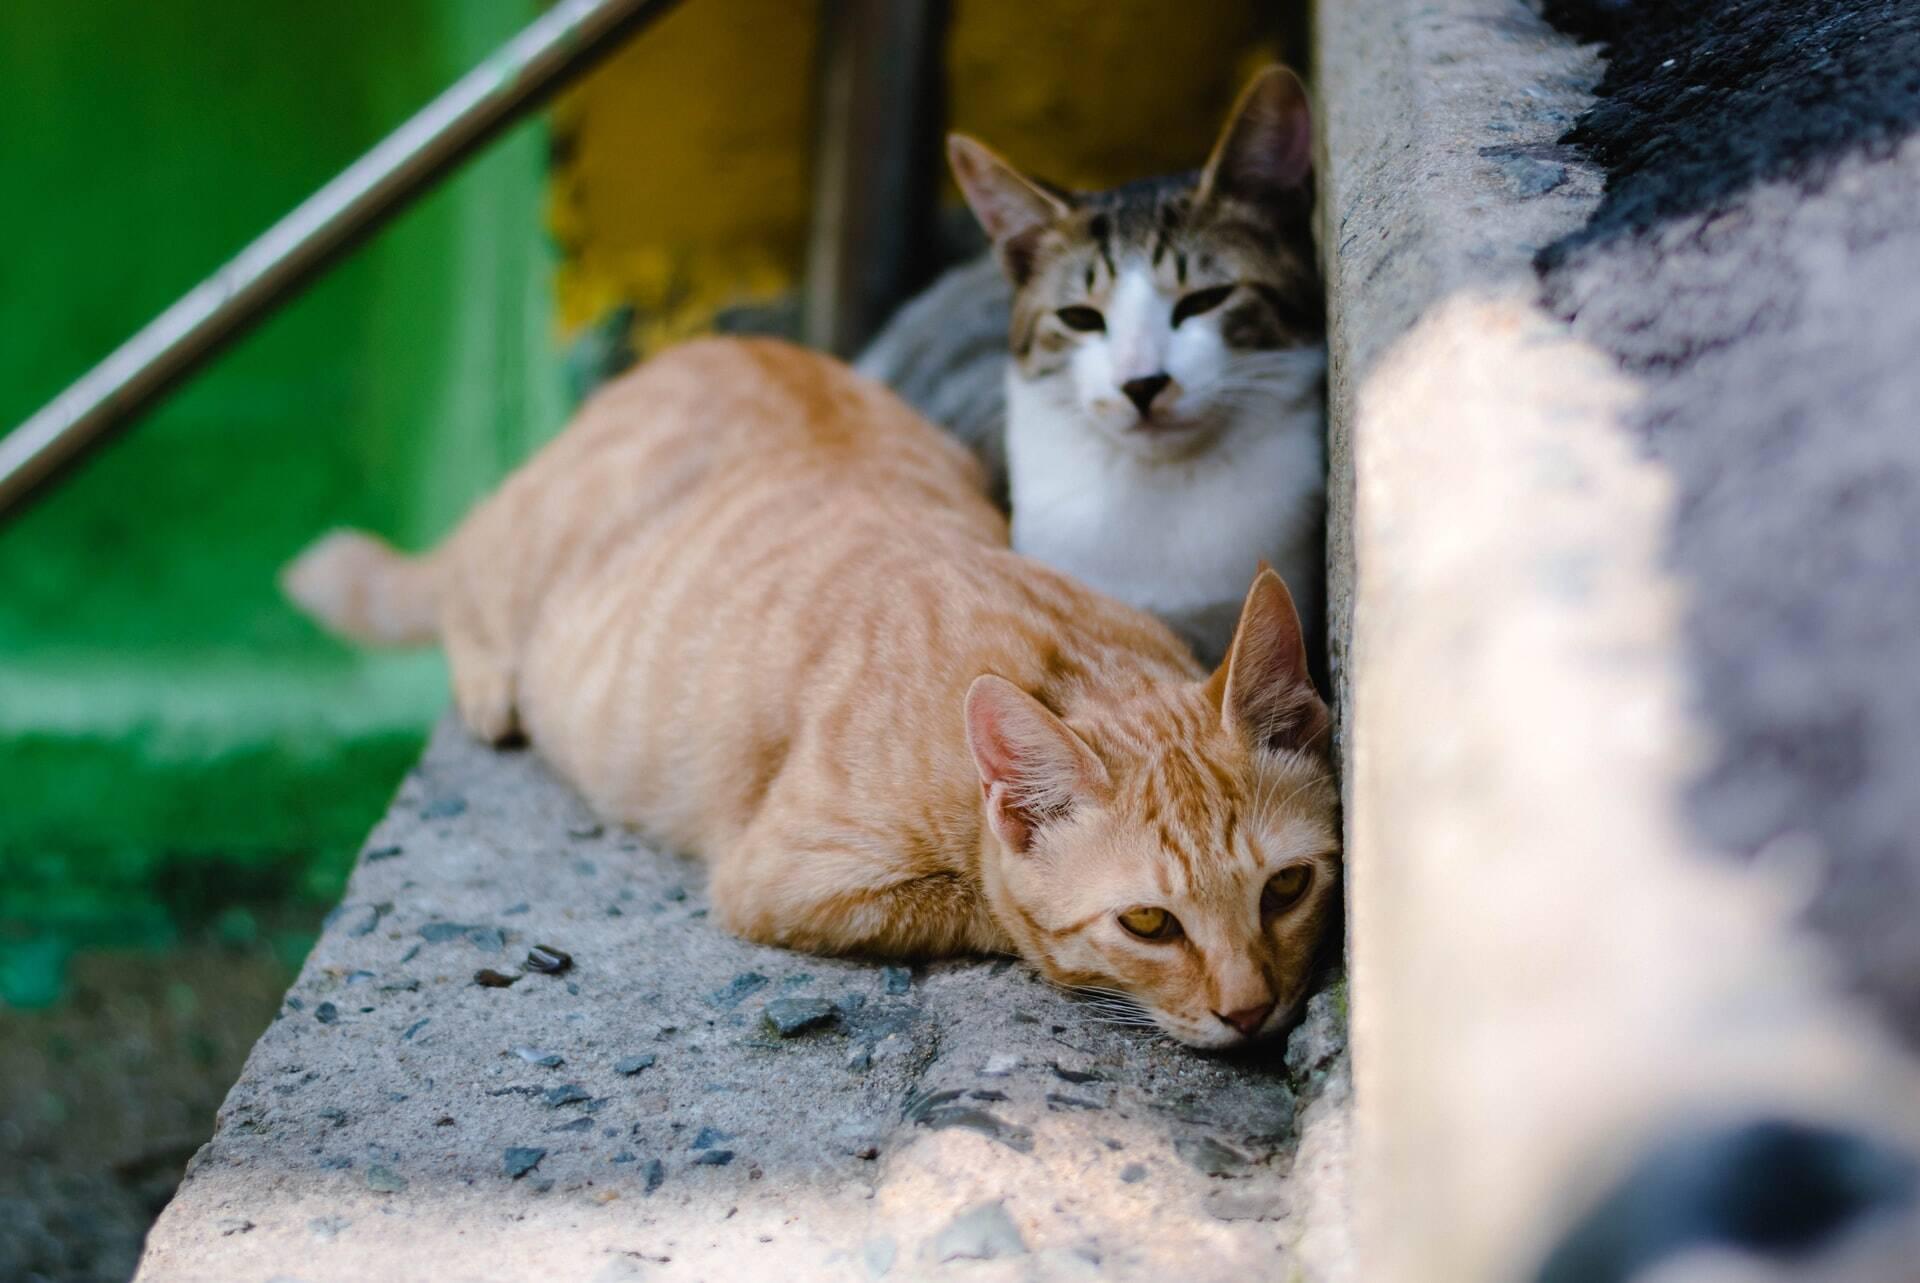 Gatos de rua chegam a 1 milhão em Israel e ameaçam saúde pública